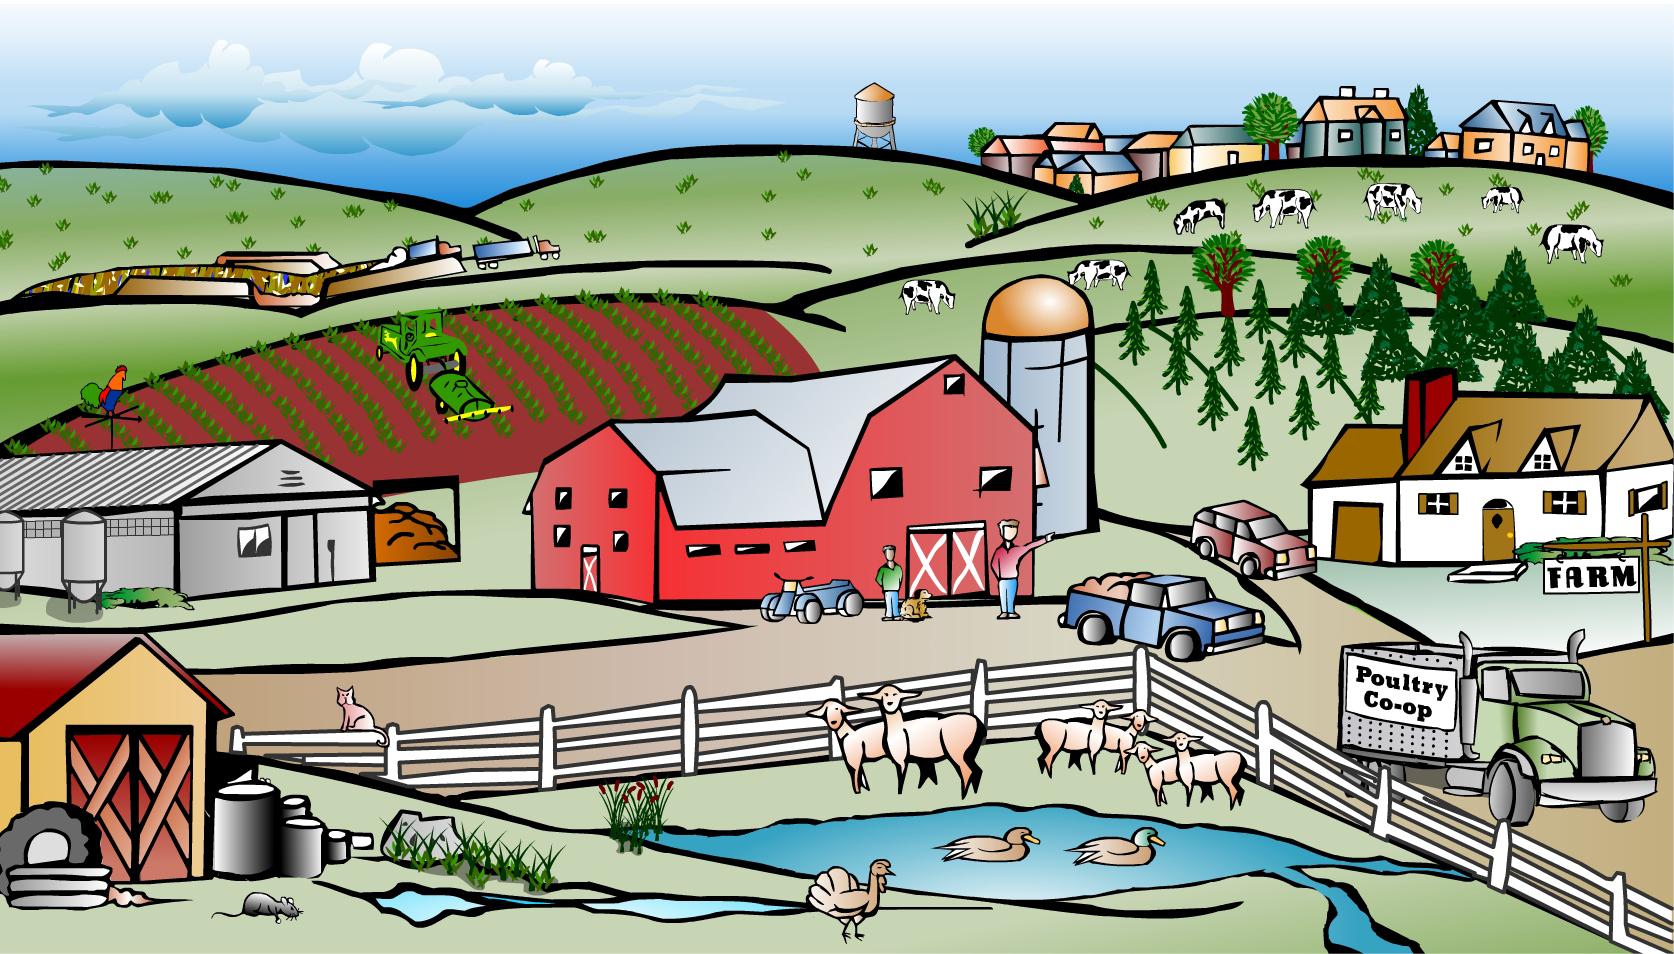 Farming clipart farm town. Free scene cliparts download